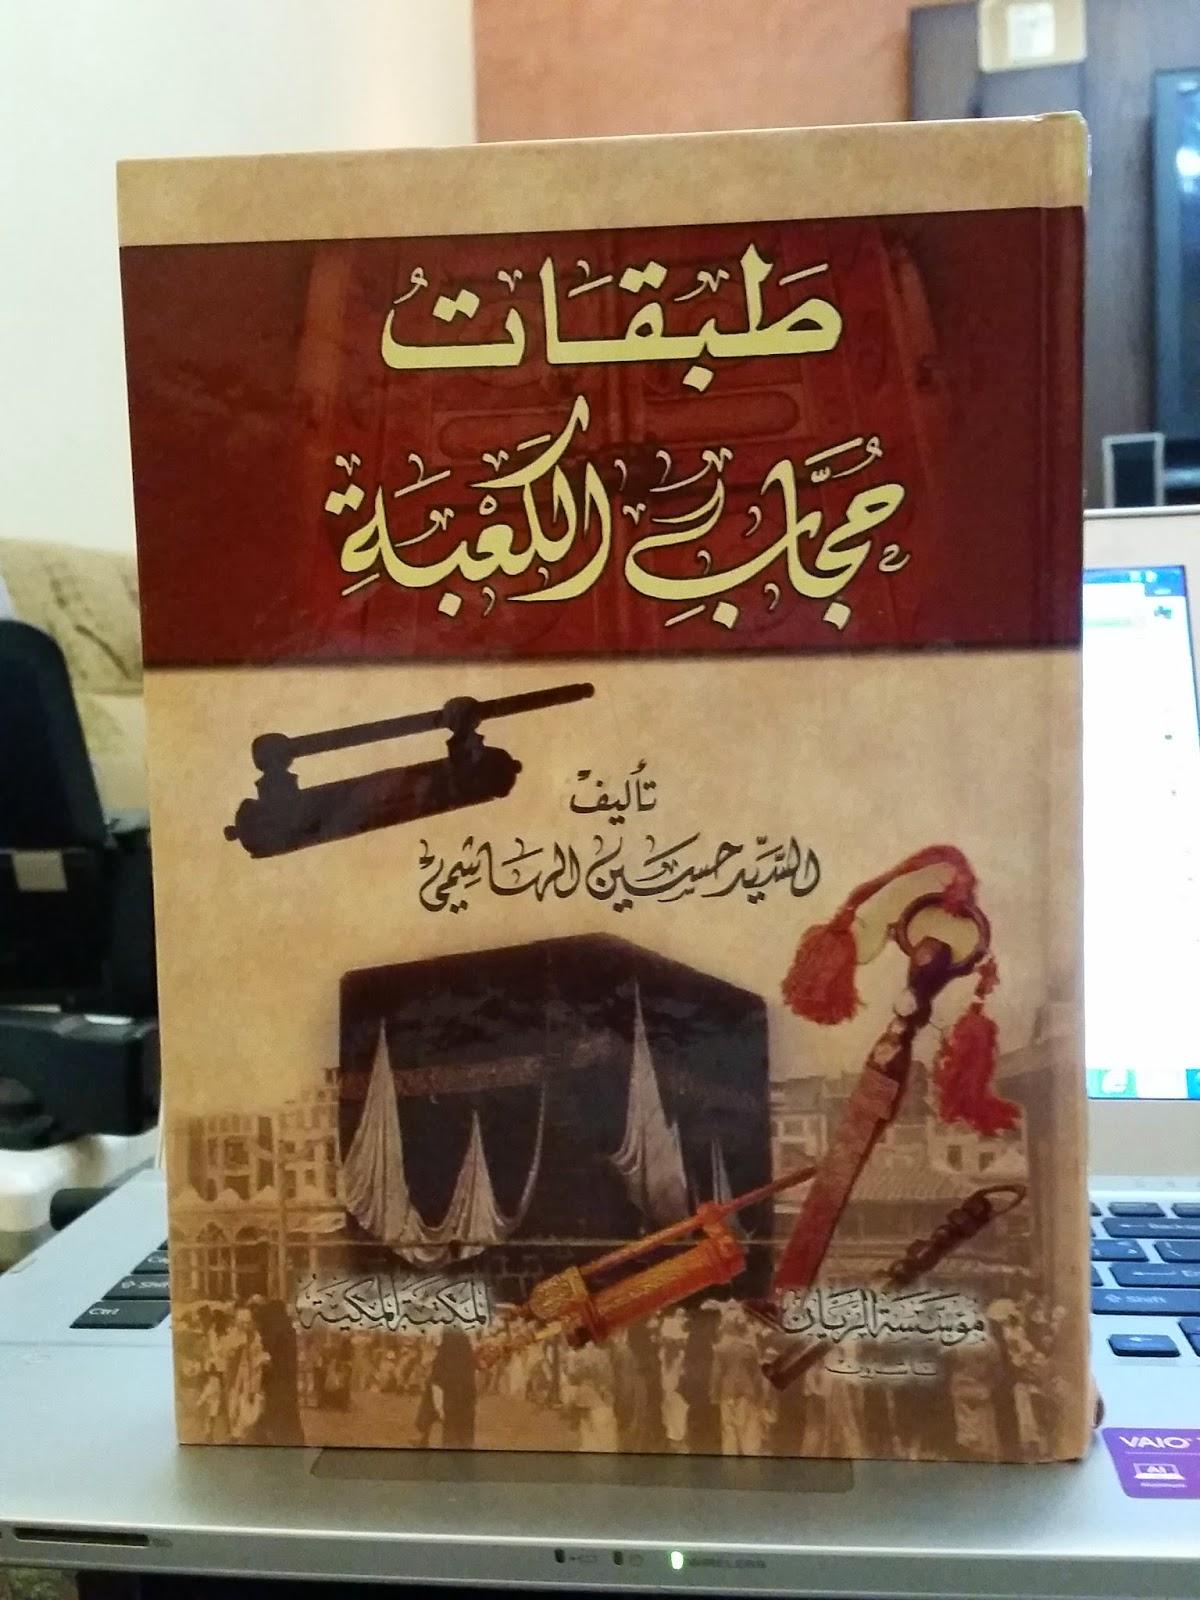 ����� ���� ������ �������.. ���� غلاف كتاب طبقات حجاب الكعبة.jpg